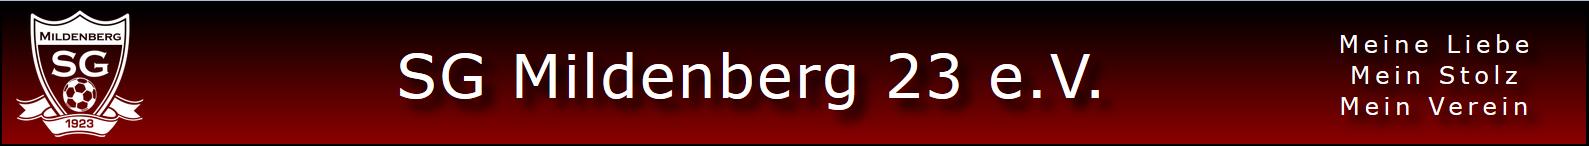 SG Mildenberg 23 e.V.